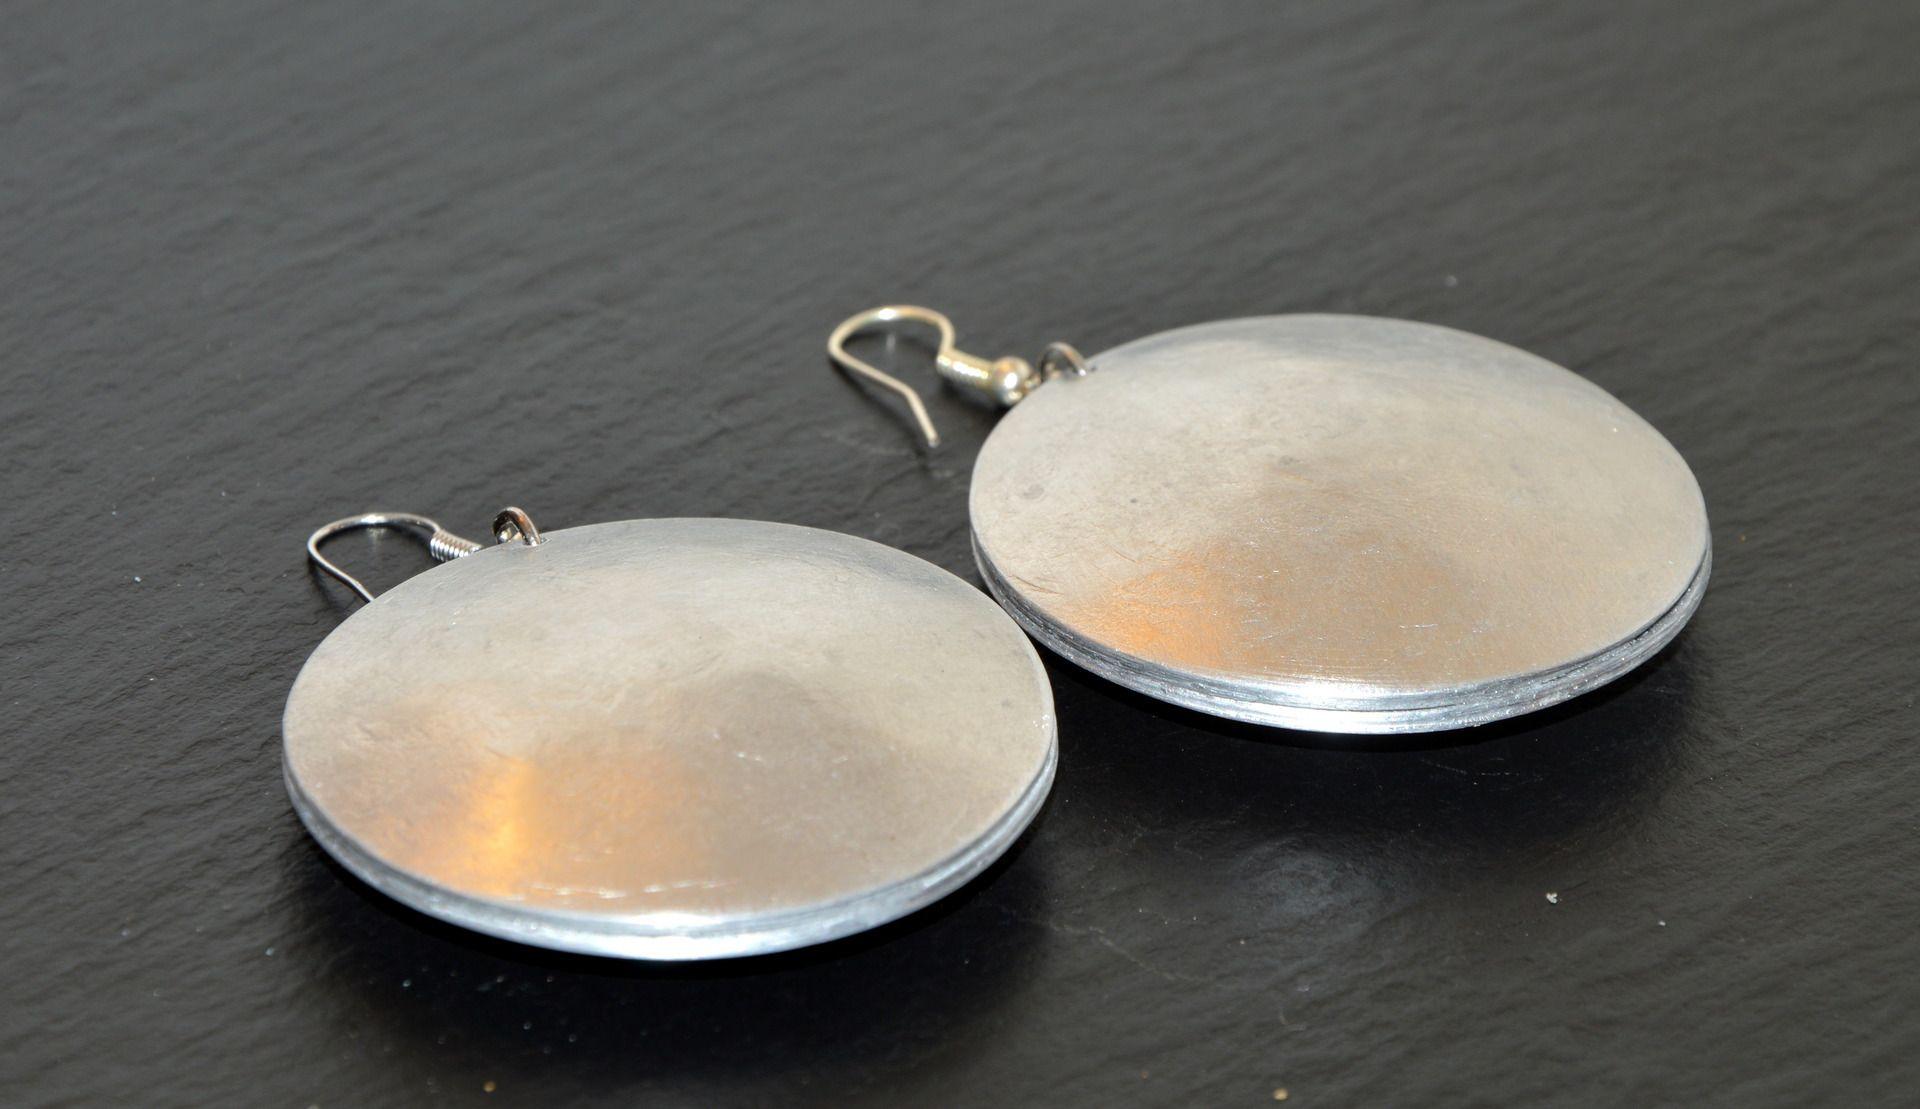 Gioielli in Alluminio realizzati interamente a mano : Orecchini di djewelry-lab